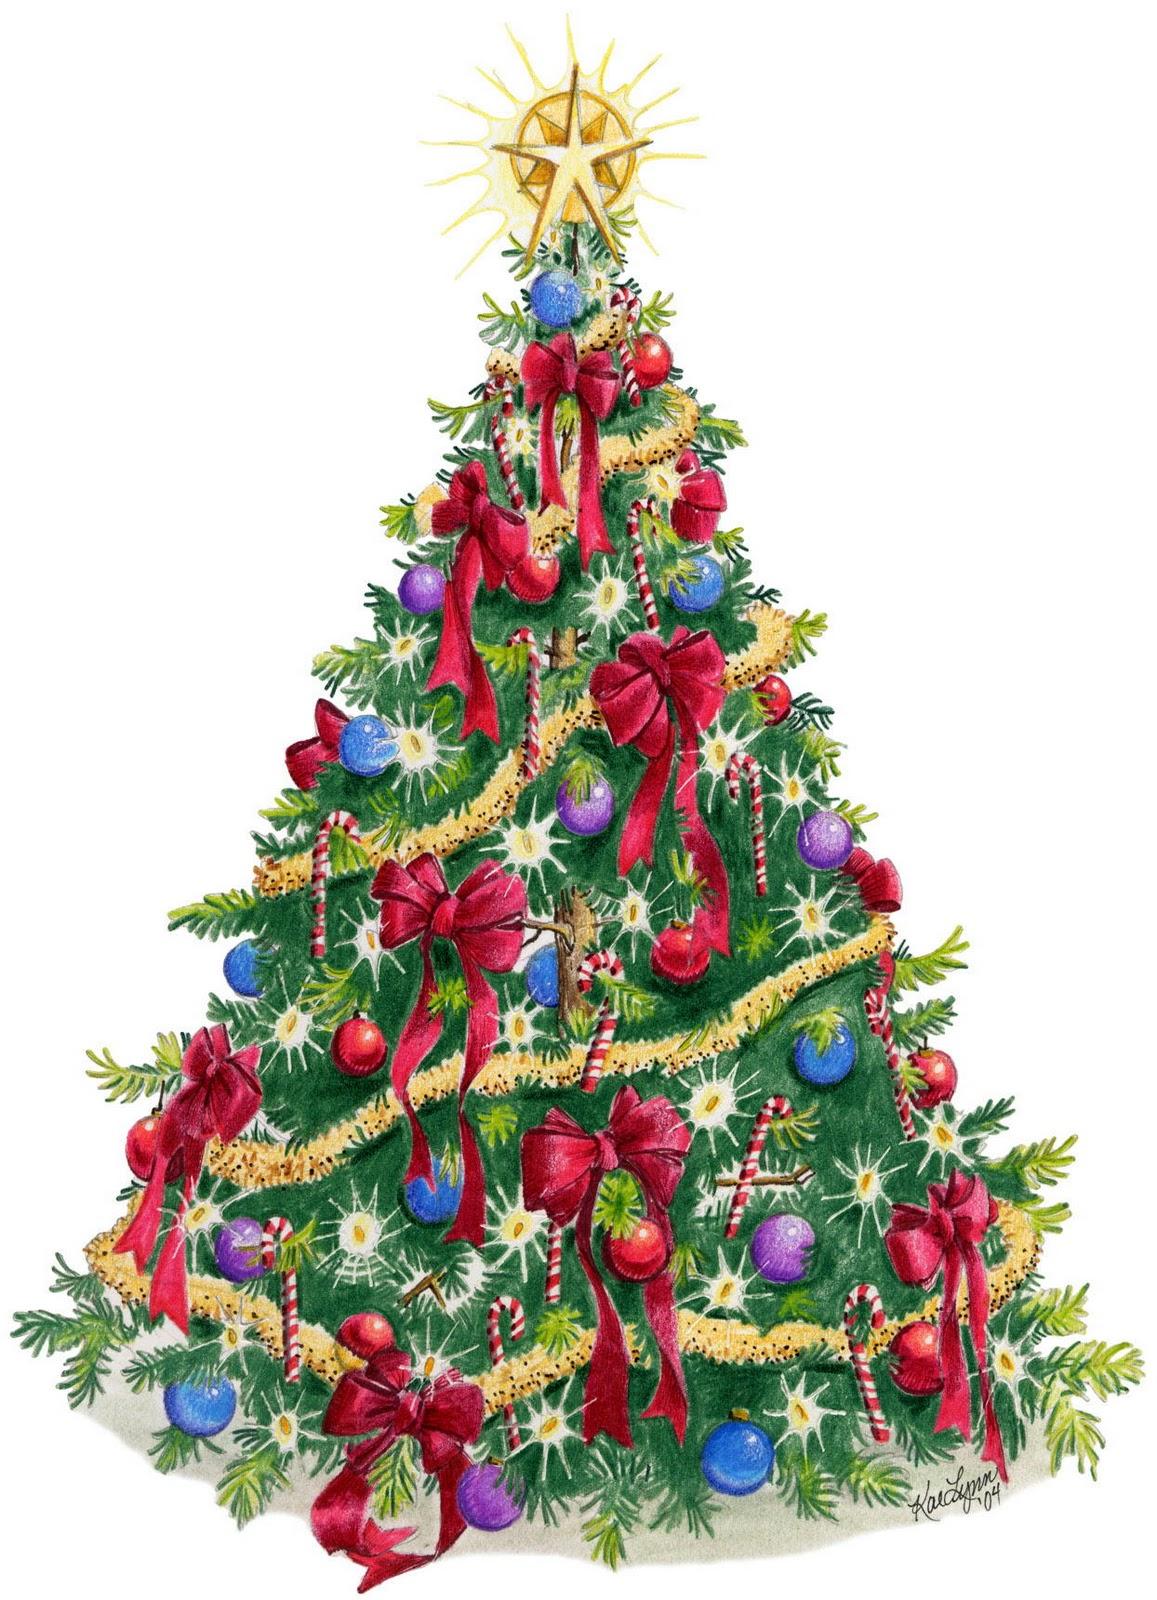 Los elementos del arbol de navidad